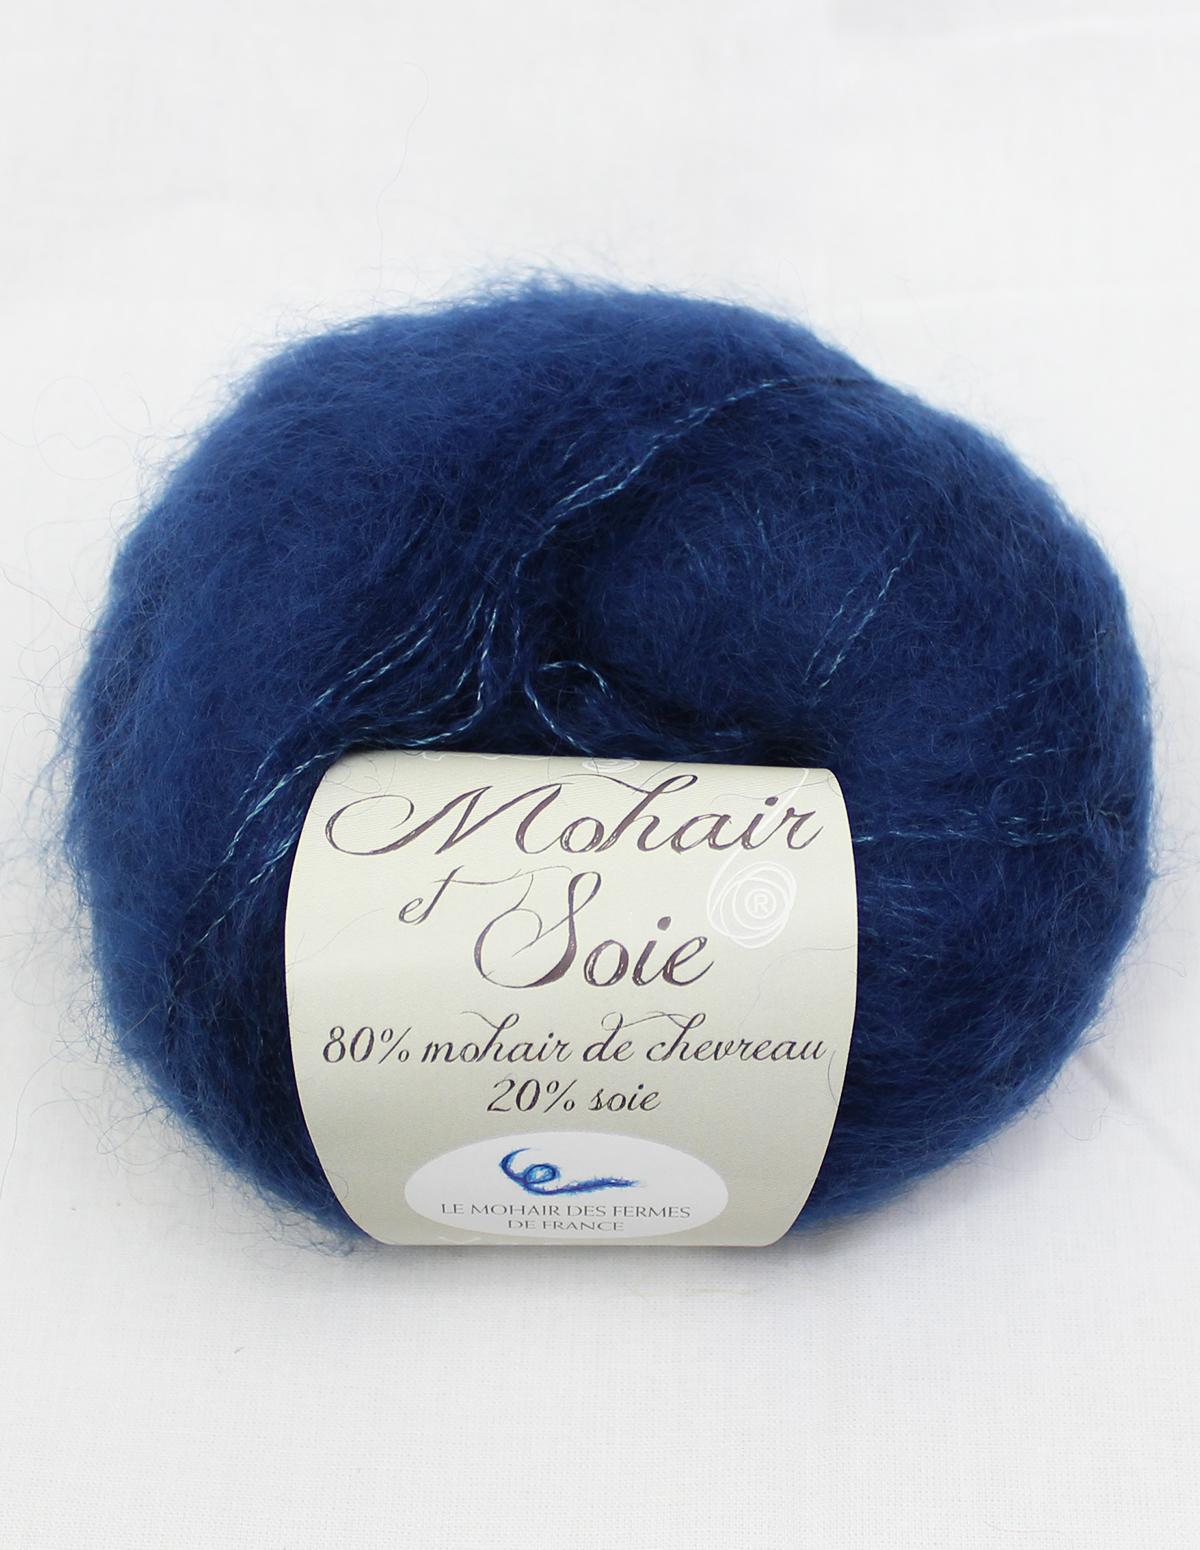 pelote-mohair-et-soie-bleu-pacifique-une-ferme-a-la-bassette